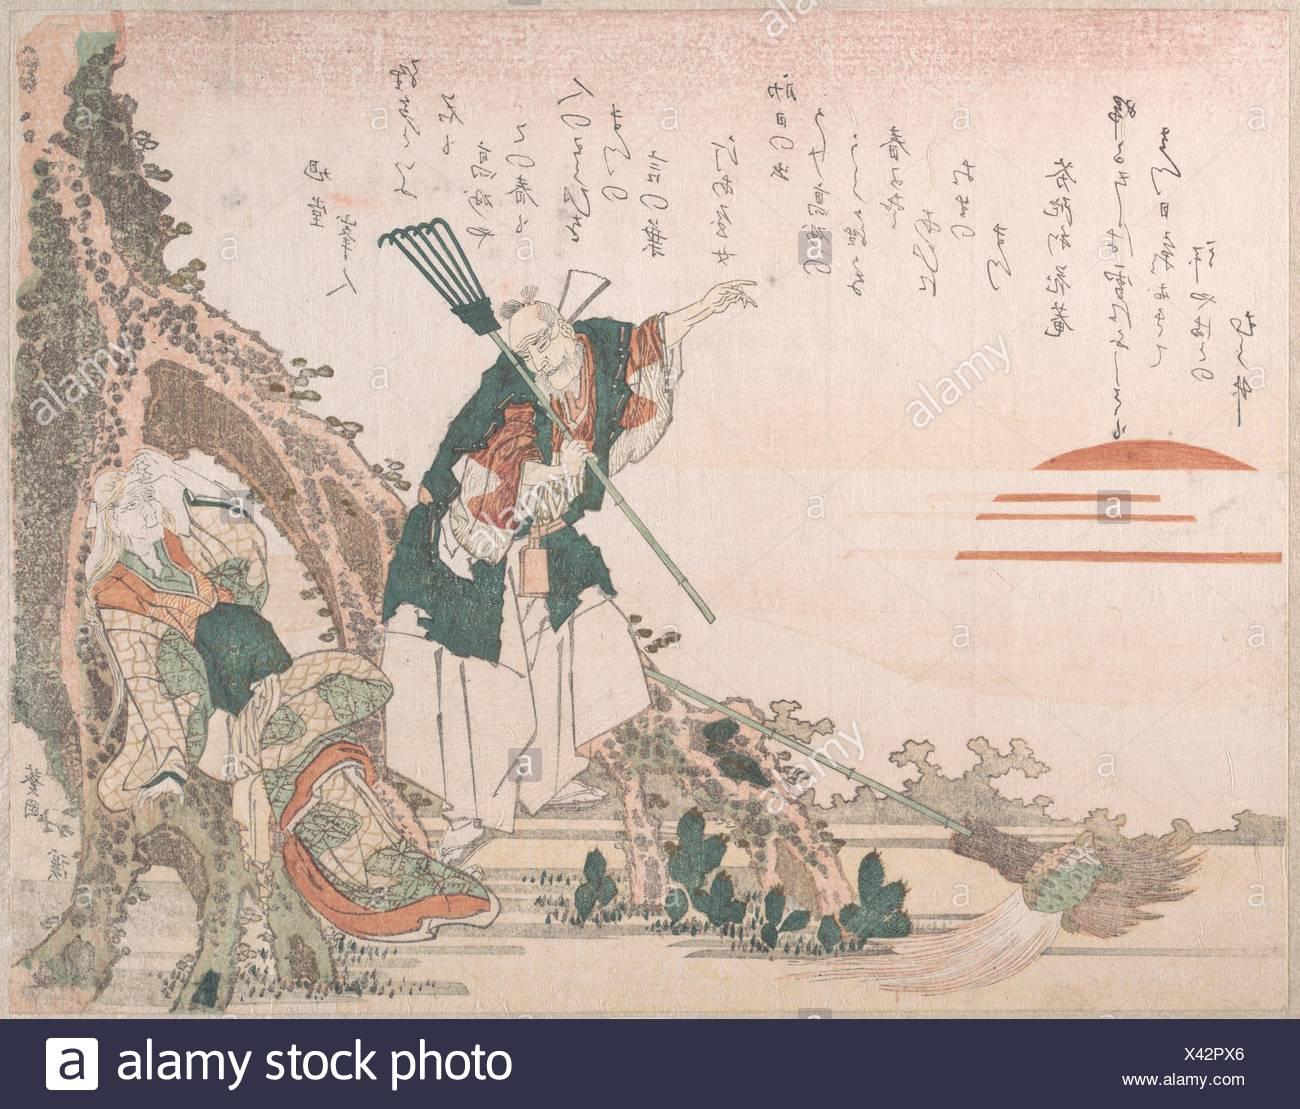 Jo e Uba di Takasago guardando il Rising Sun; rappresentazione simbolica di longevità e di armonia coniugale. Artista: Totoya Hokkei (giapponese, Immagini Stock